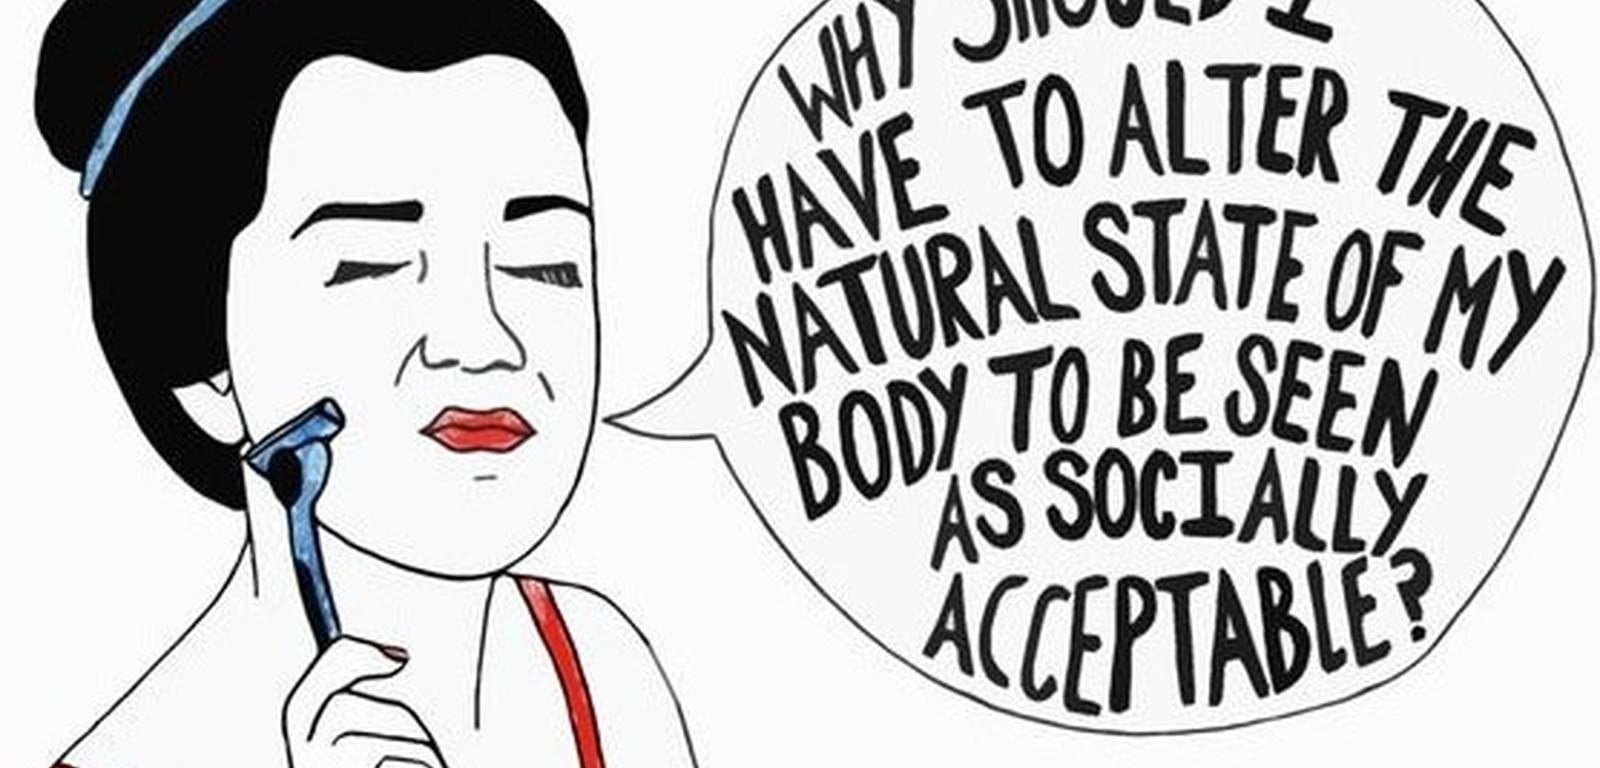 scarletpost-culture-idees-poil-et-feminisme